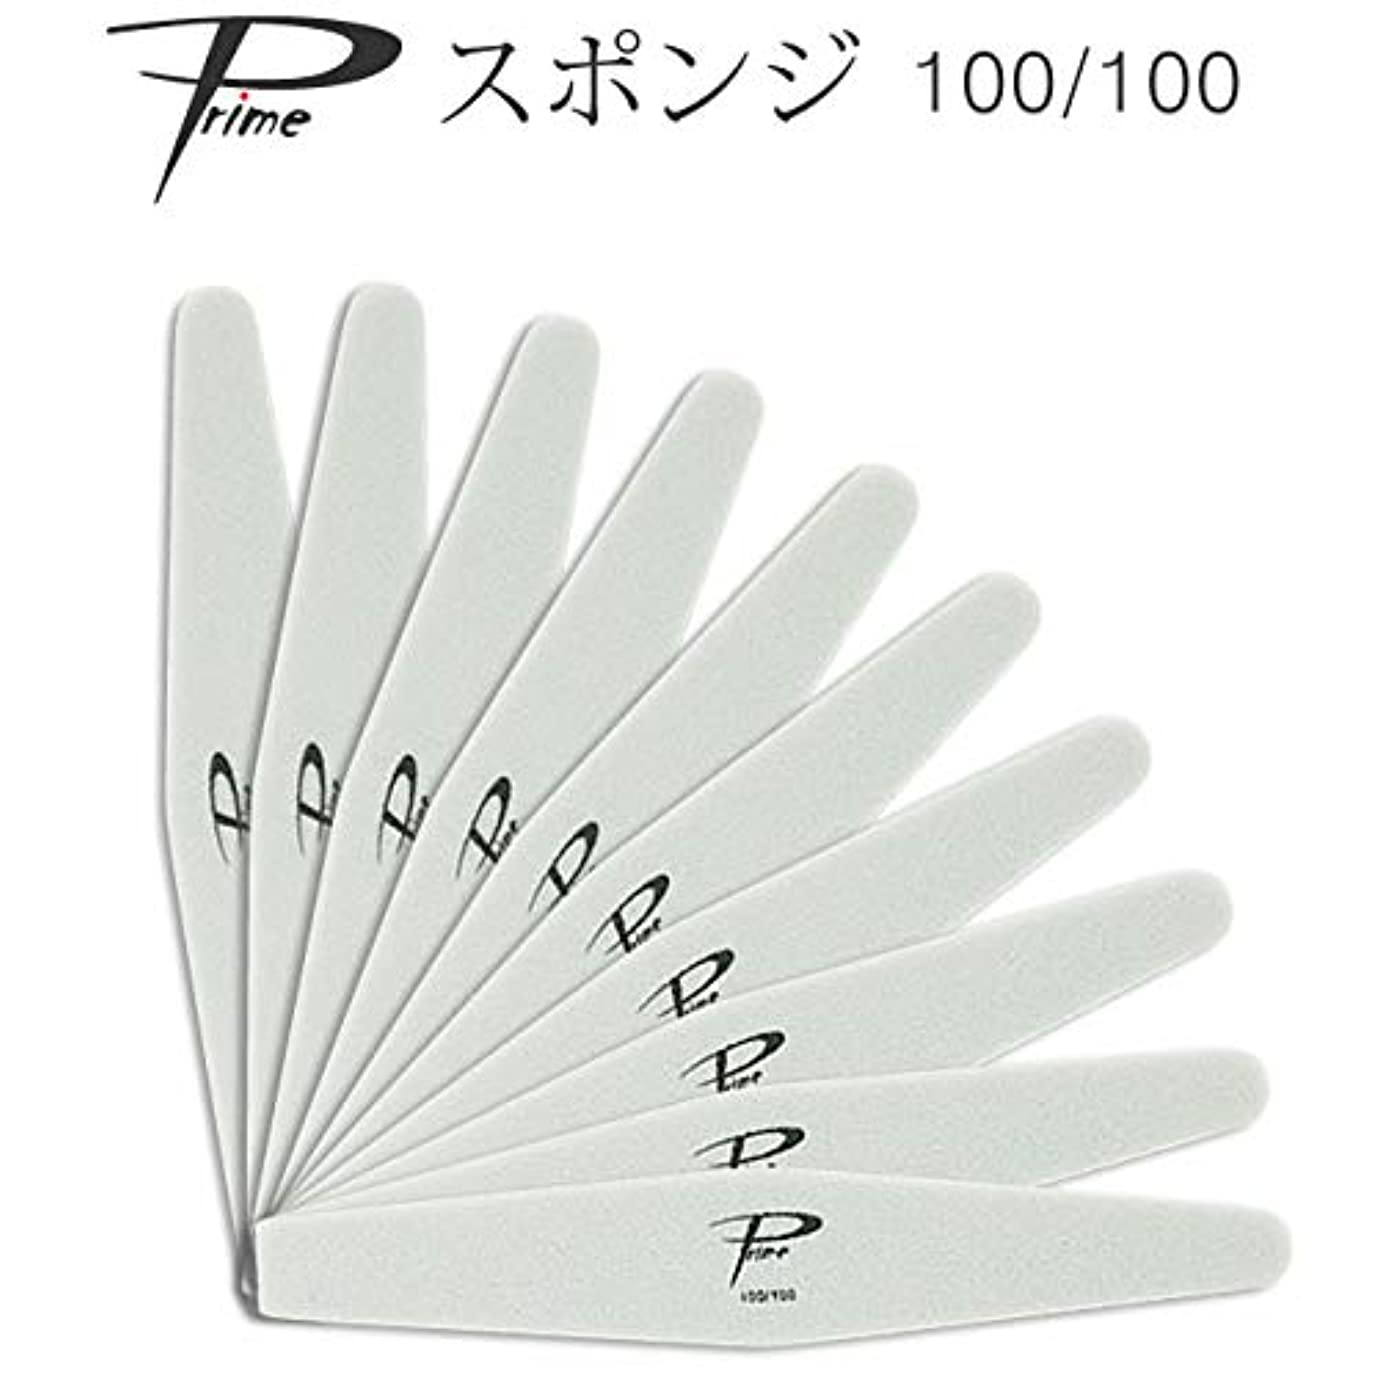 マトロン貪欲開拓者10本セット Prime スポンジファイル 100/100